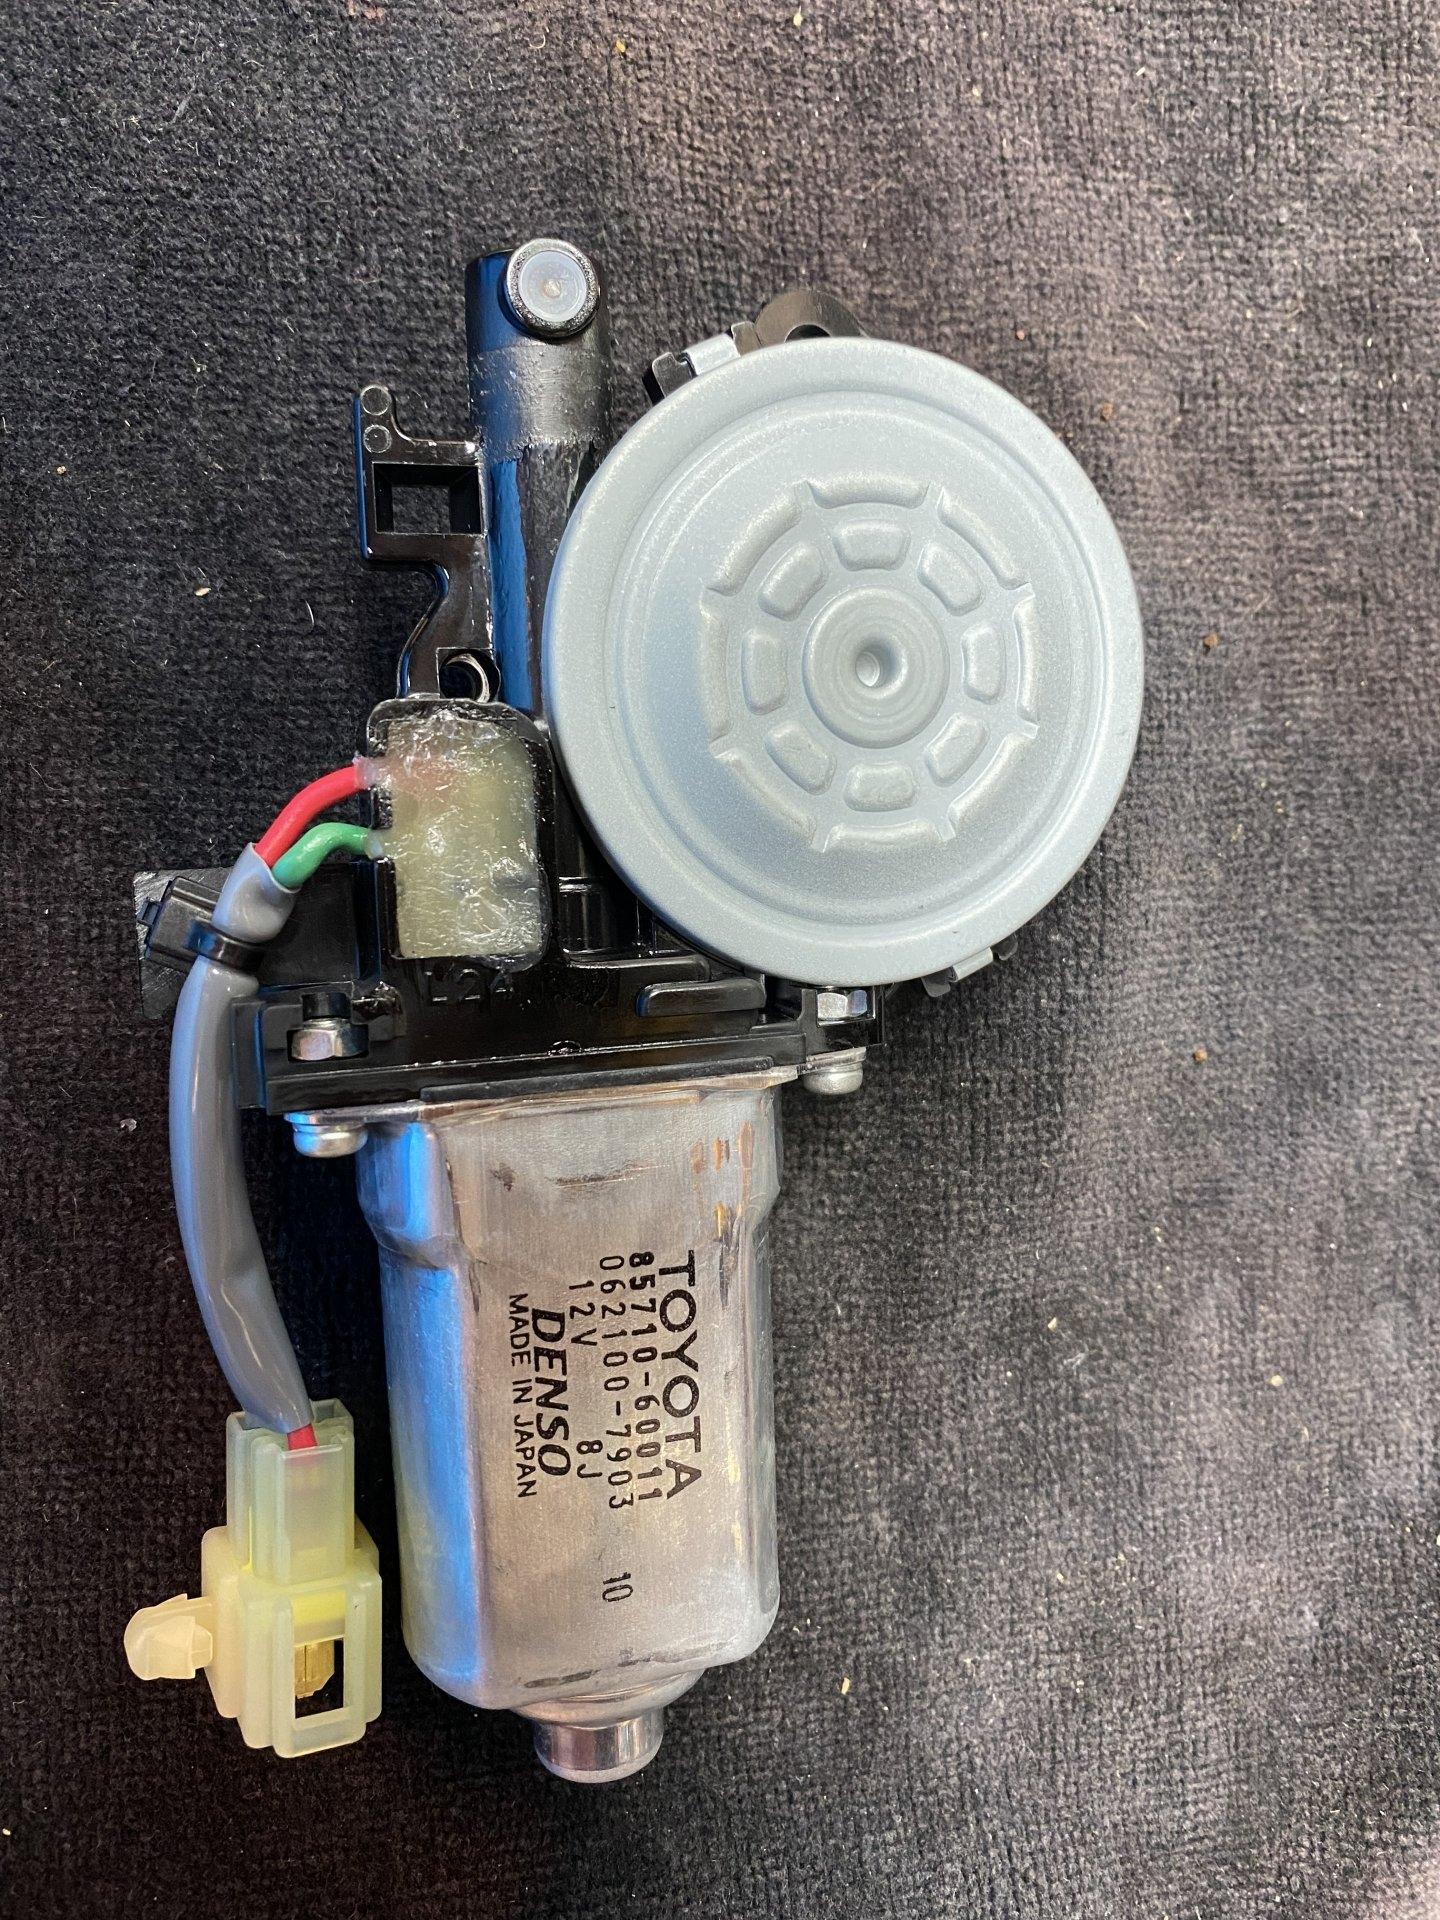 61D3B365-EF23-4003-8A55-7DEA2AD8670C.jpeg